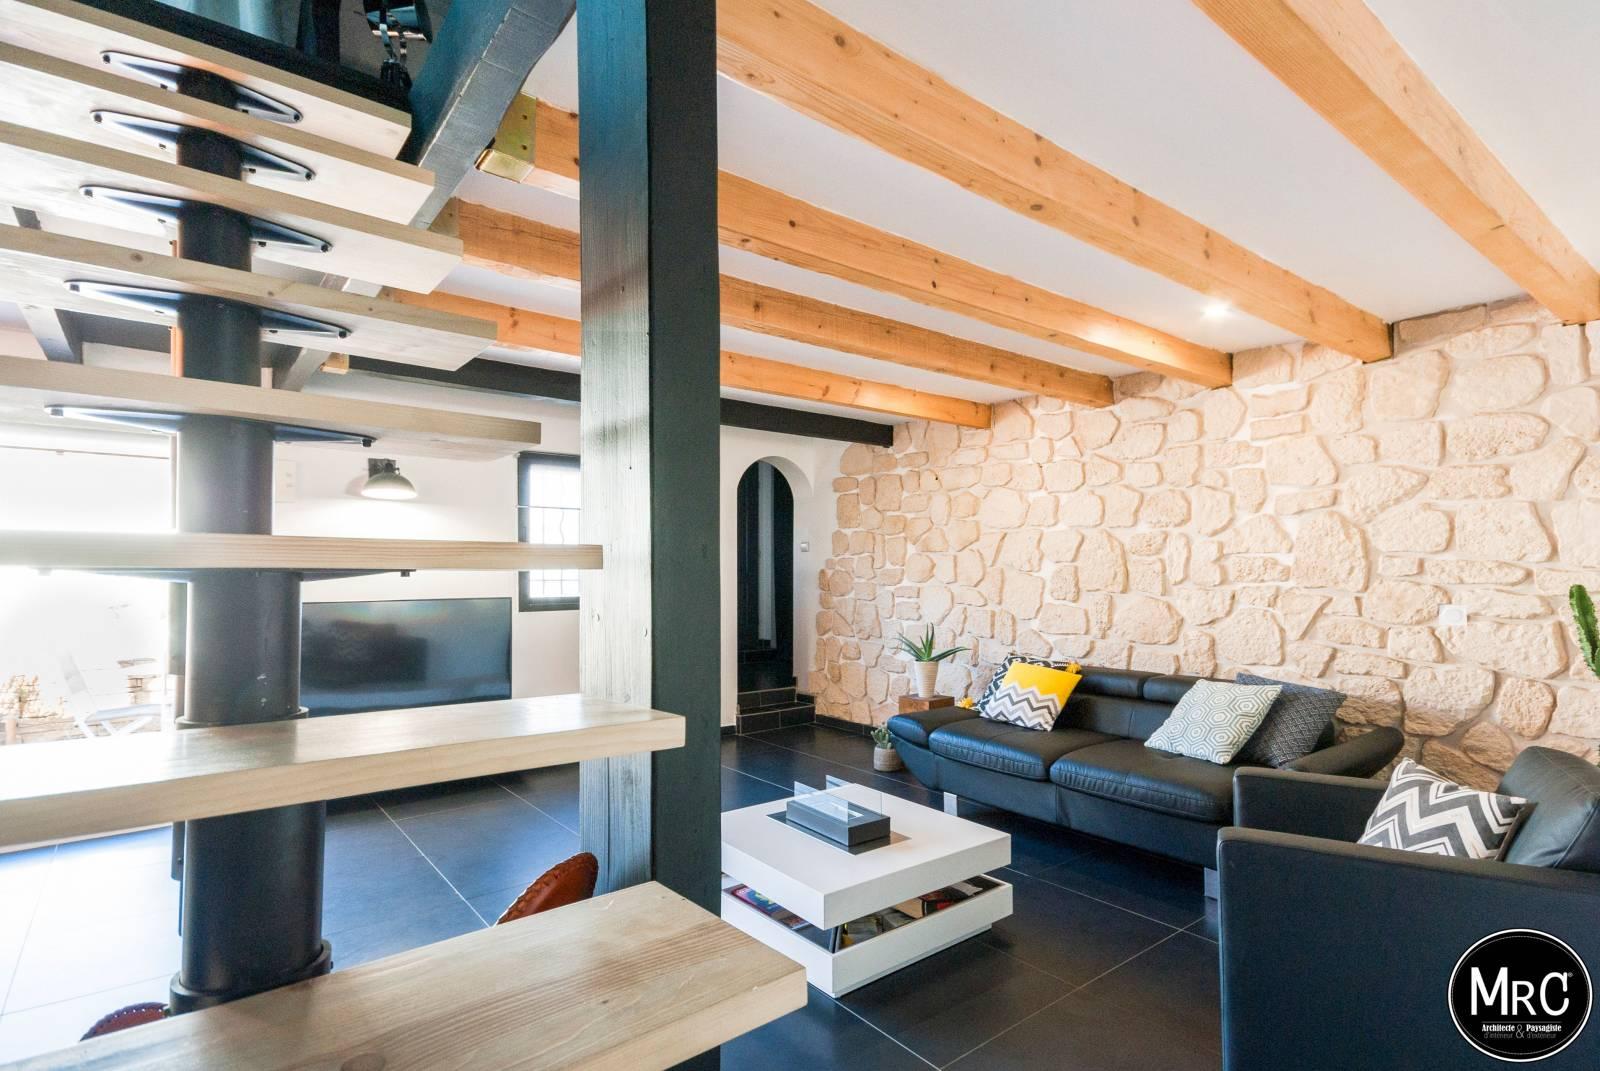 architecte d 39 int rieur r novation d appartement marseille agence mrc. Black Bedroom Furniture Sets. Home Design Ideas